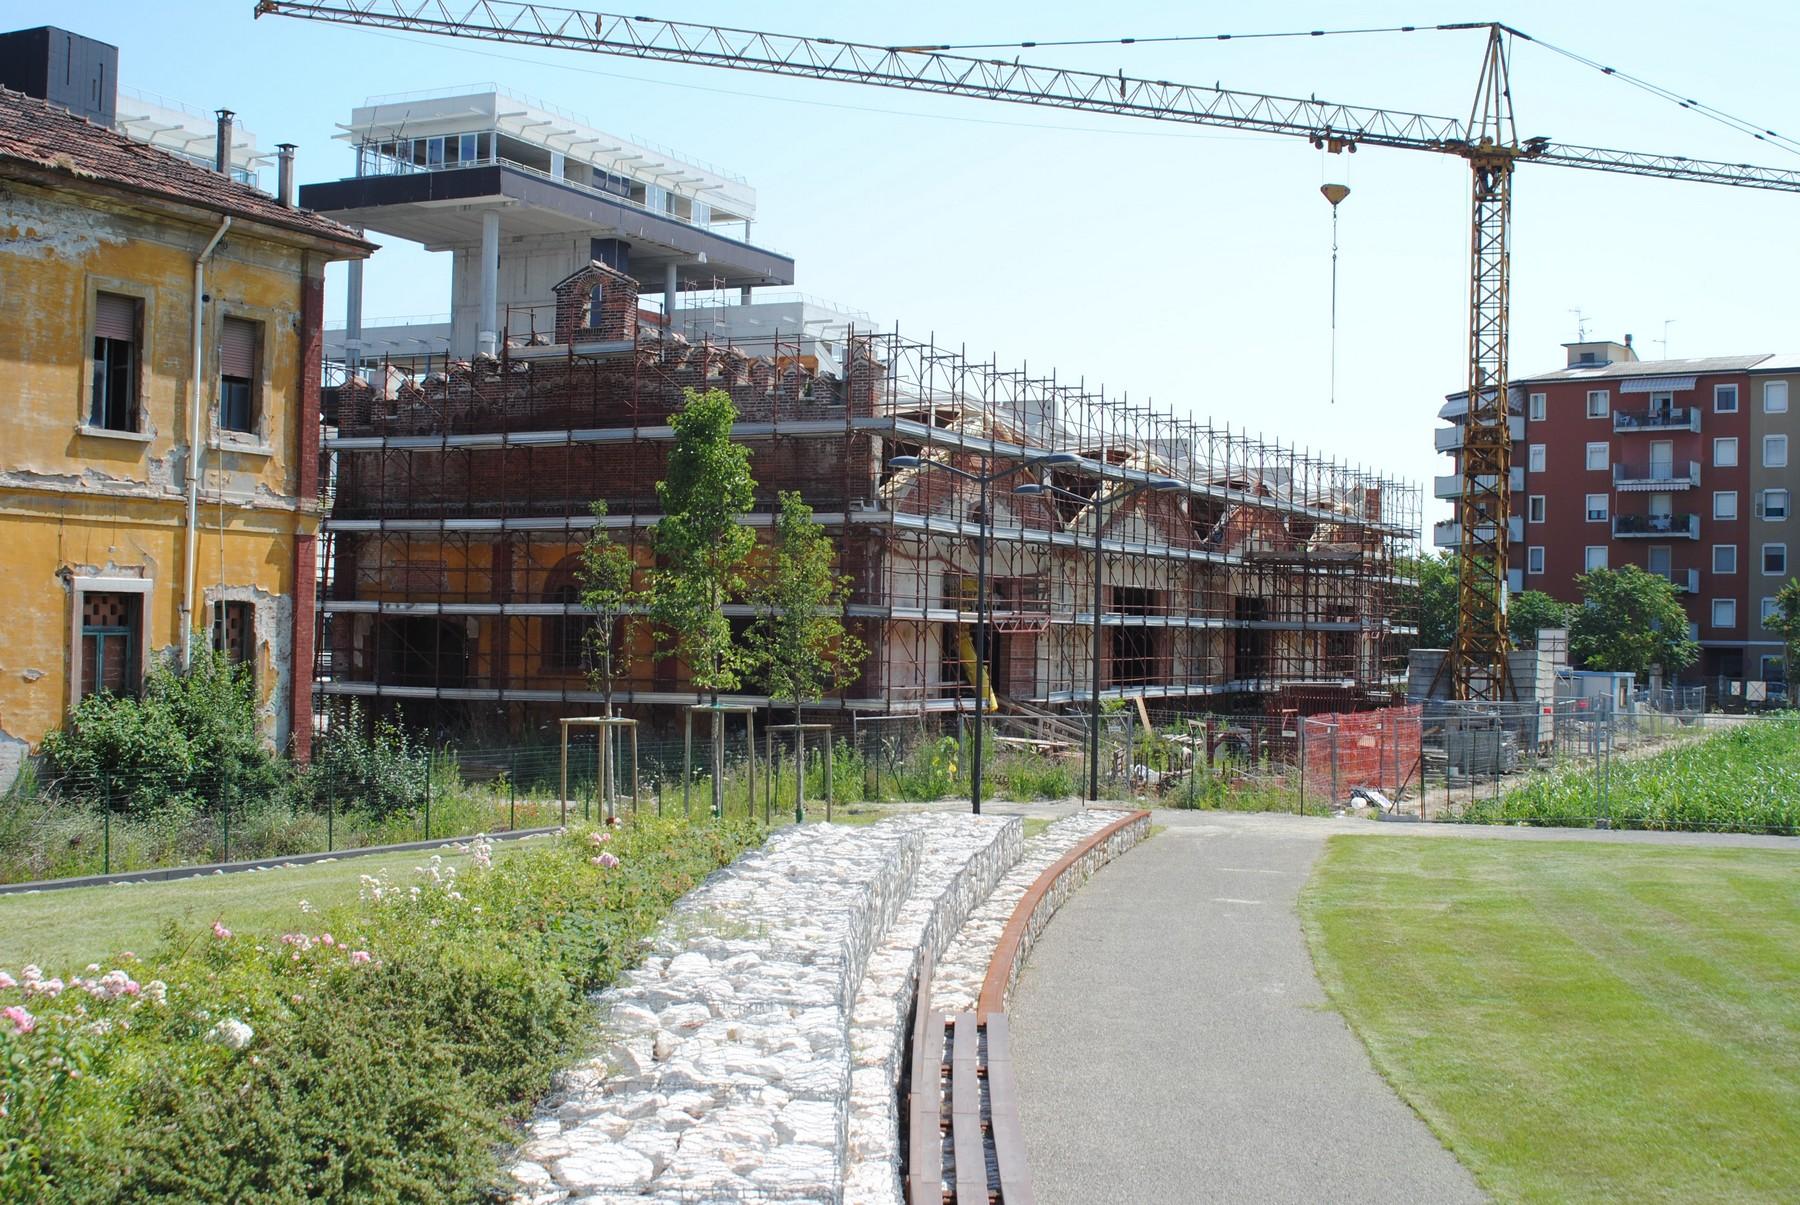 Ex Consorzio, dopo anni stiamo sbloccando la situazione dell'edificio degradato sulla via Mons. Assi